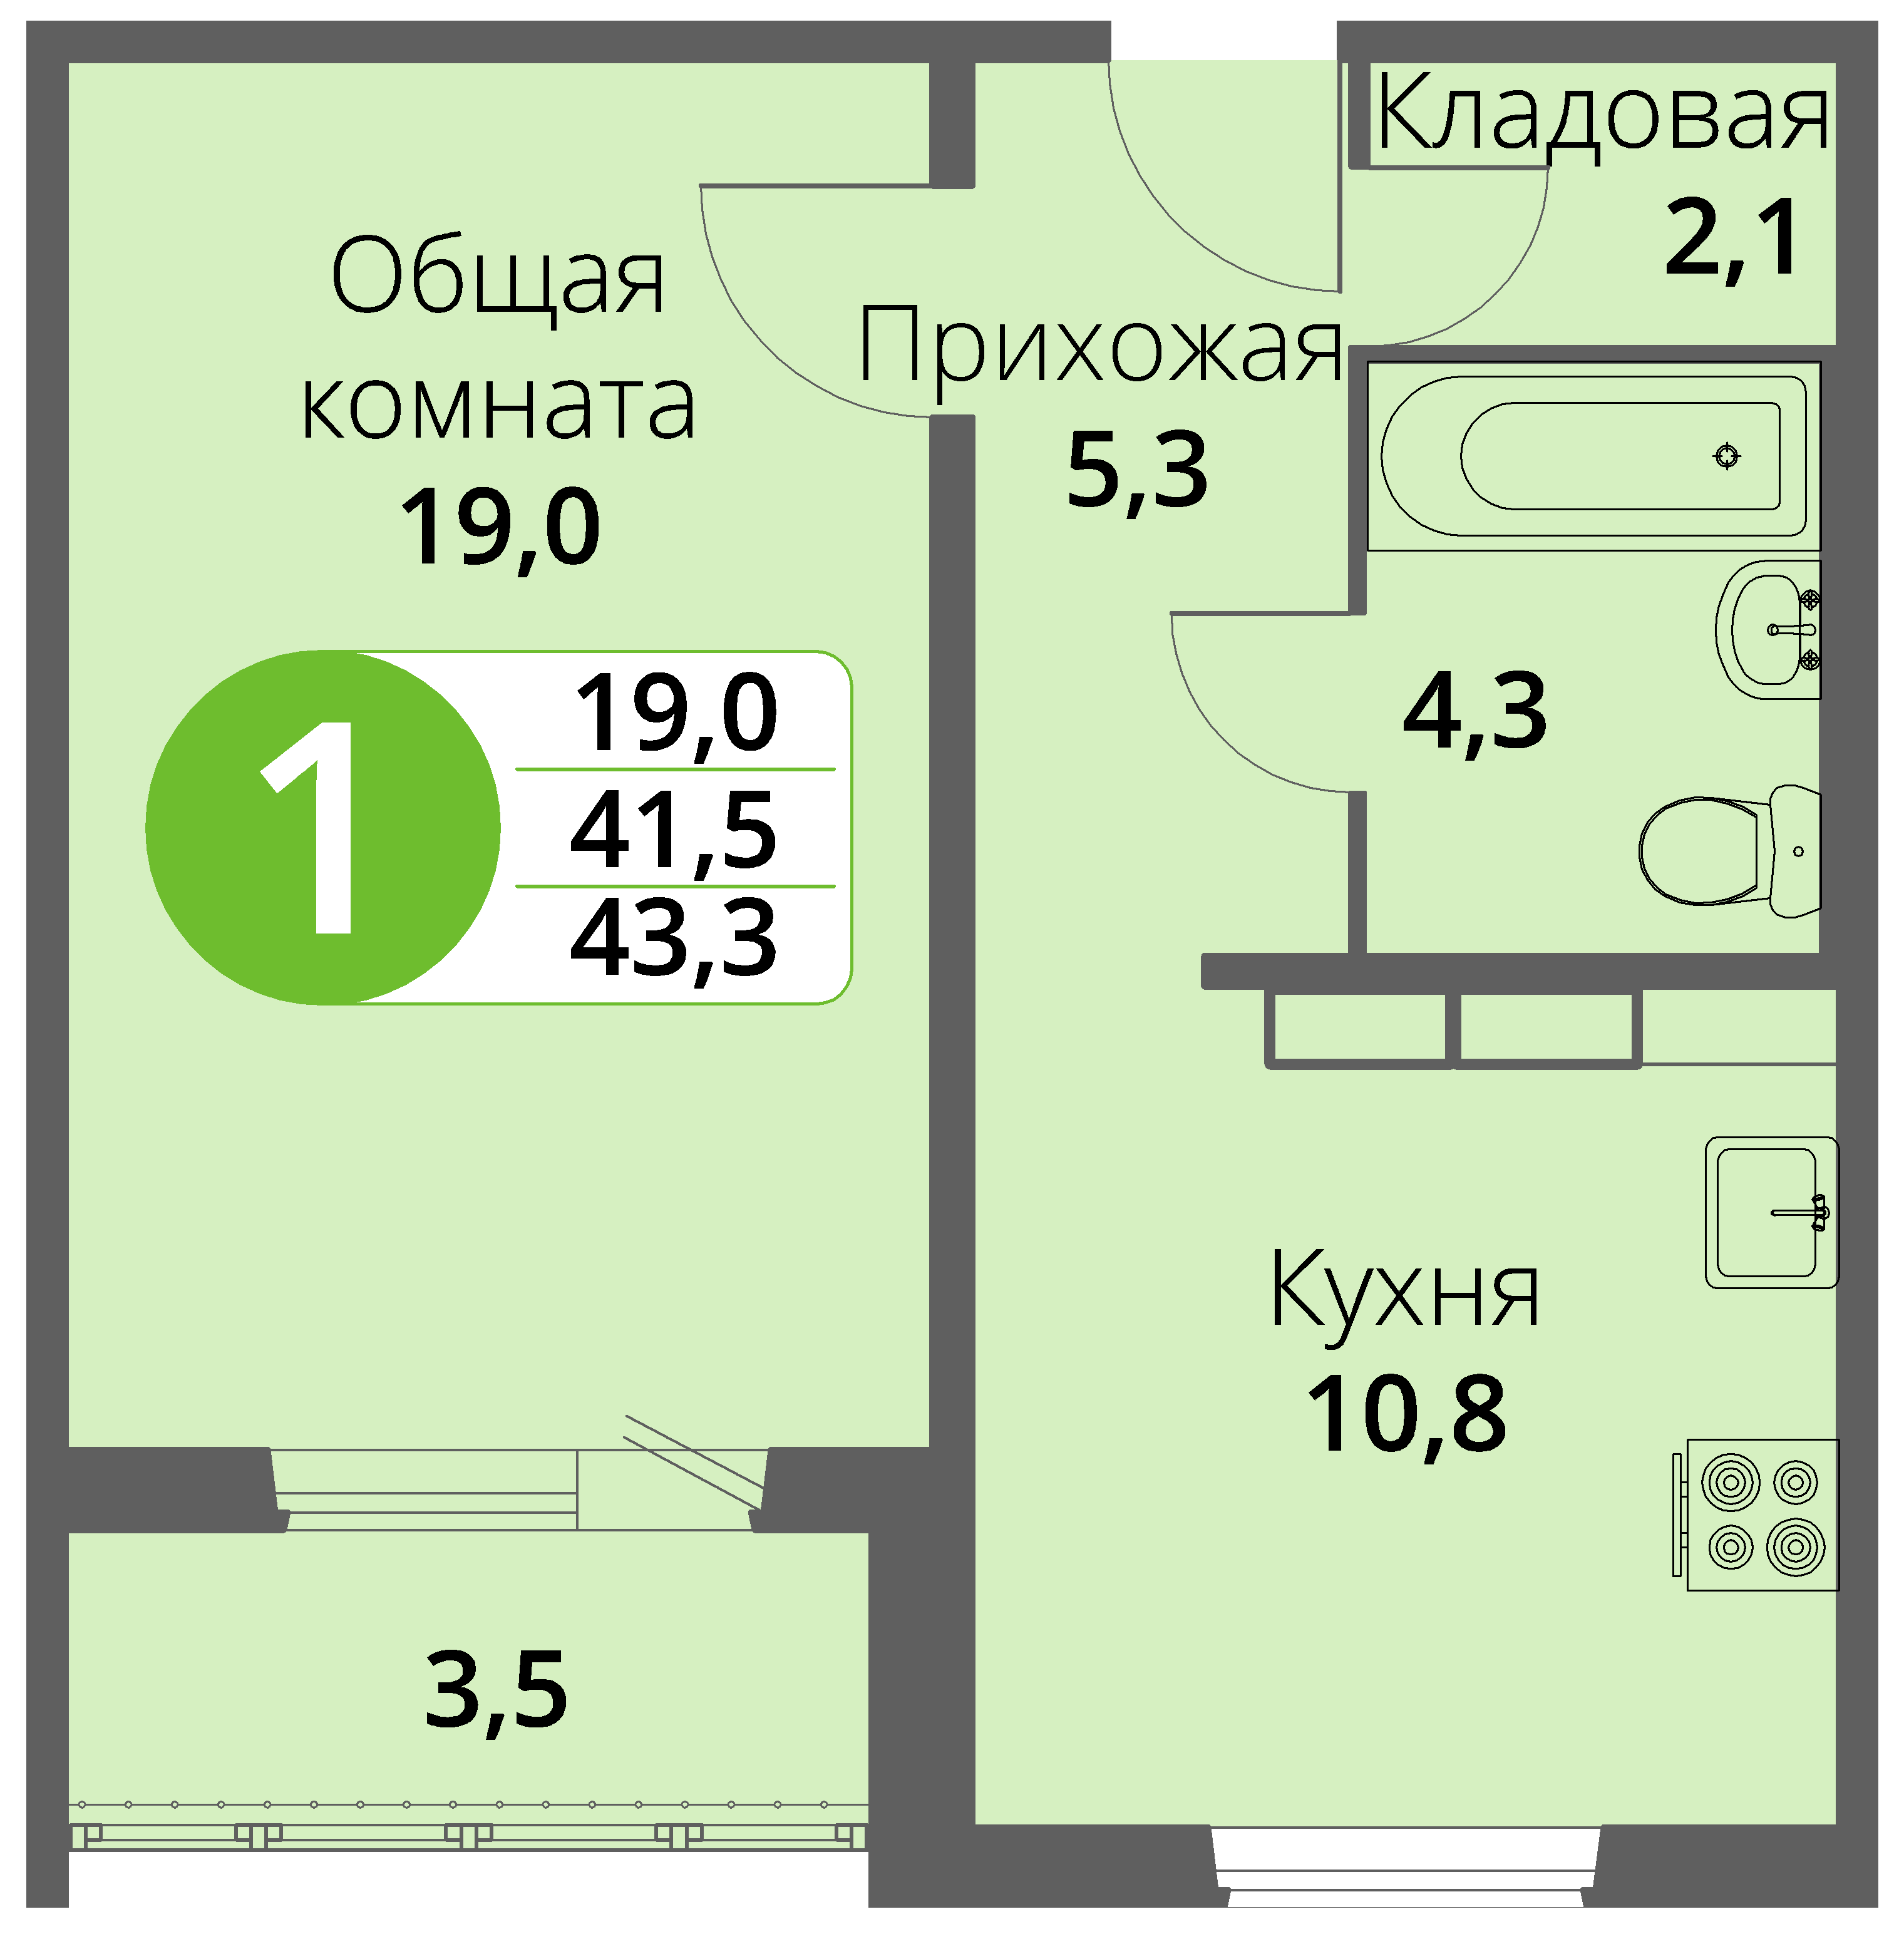 Зареченская 1-2, квартира 49 - Однокомнатная